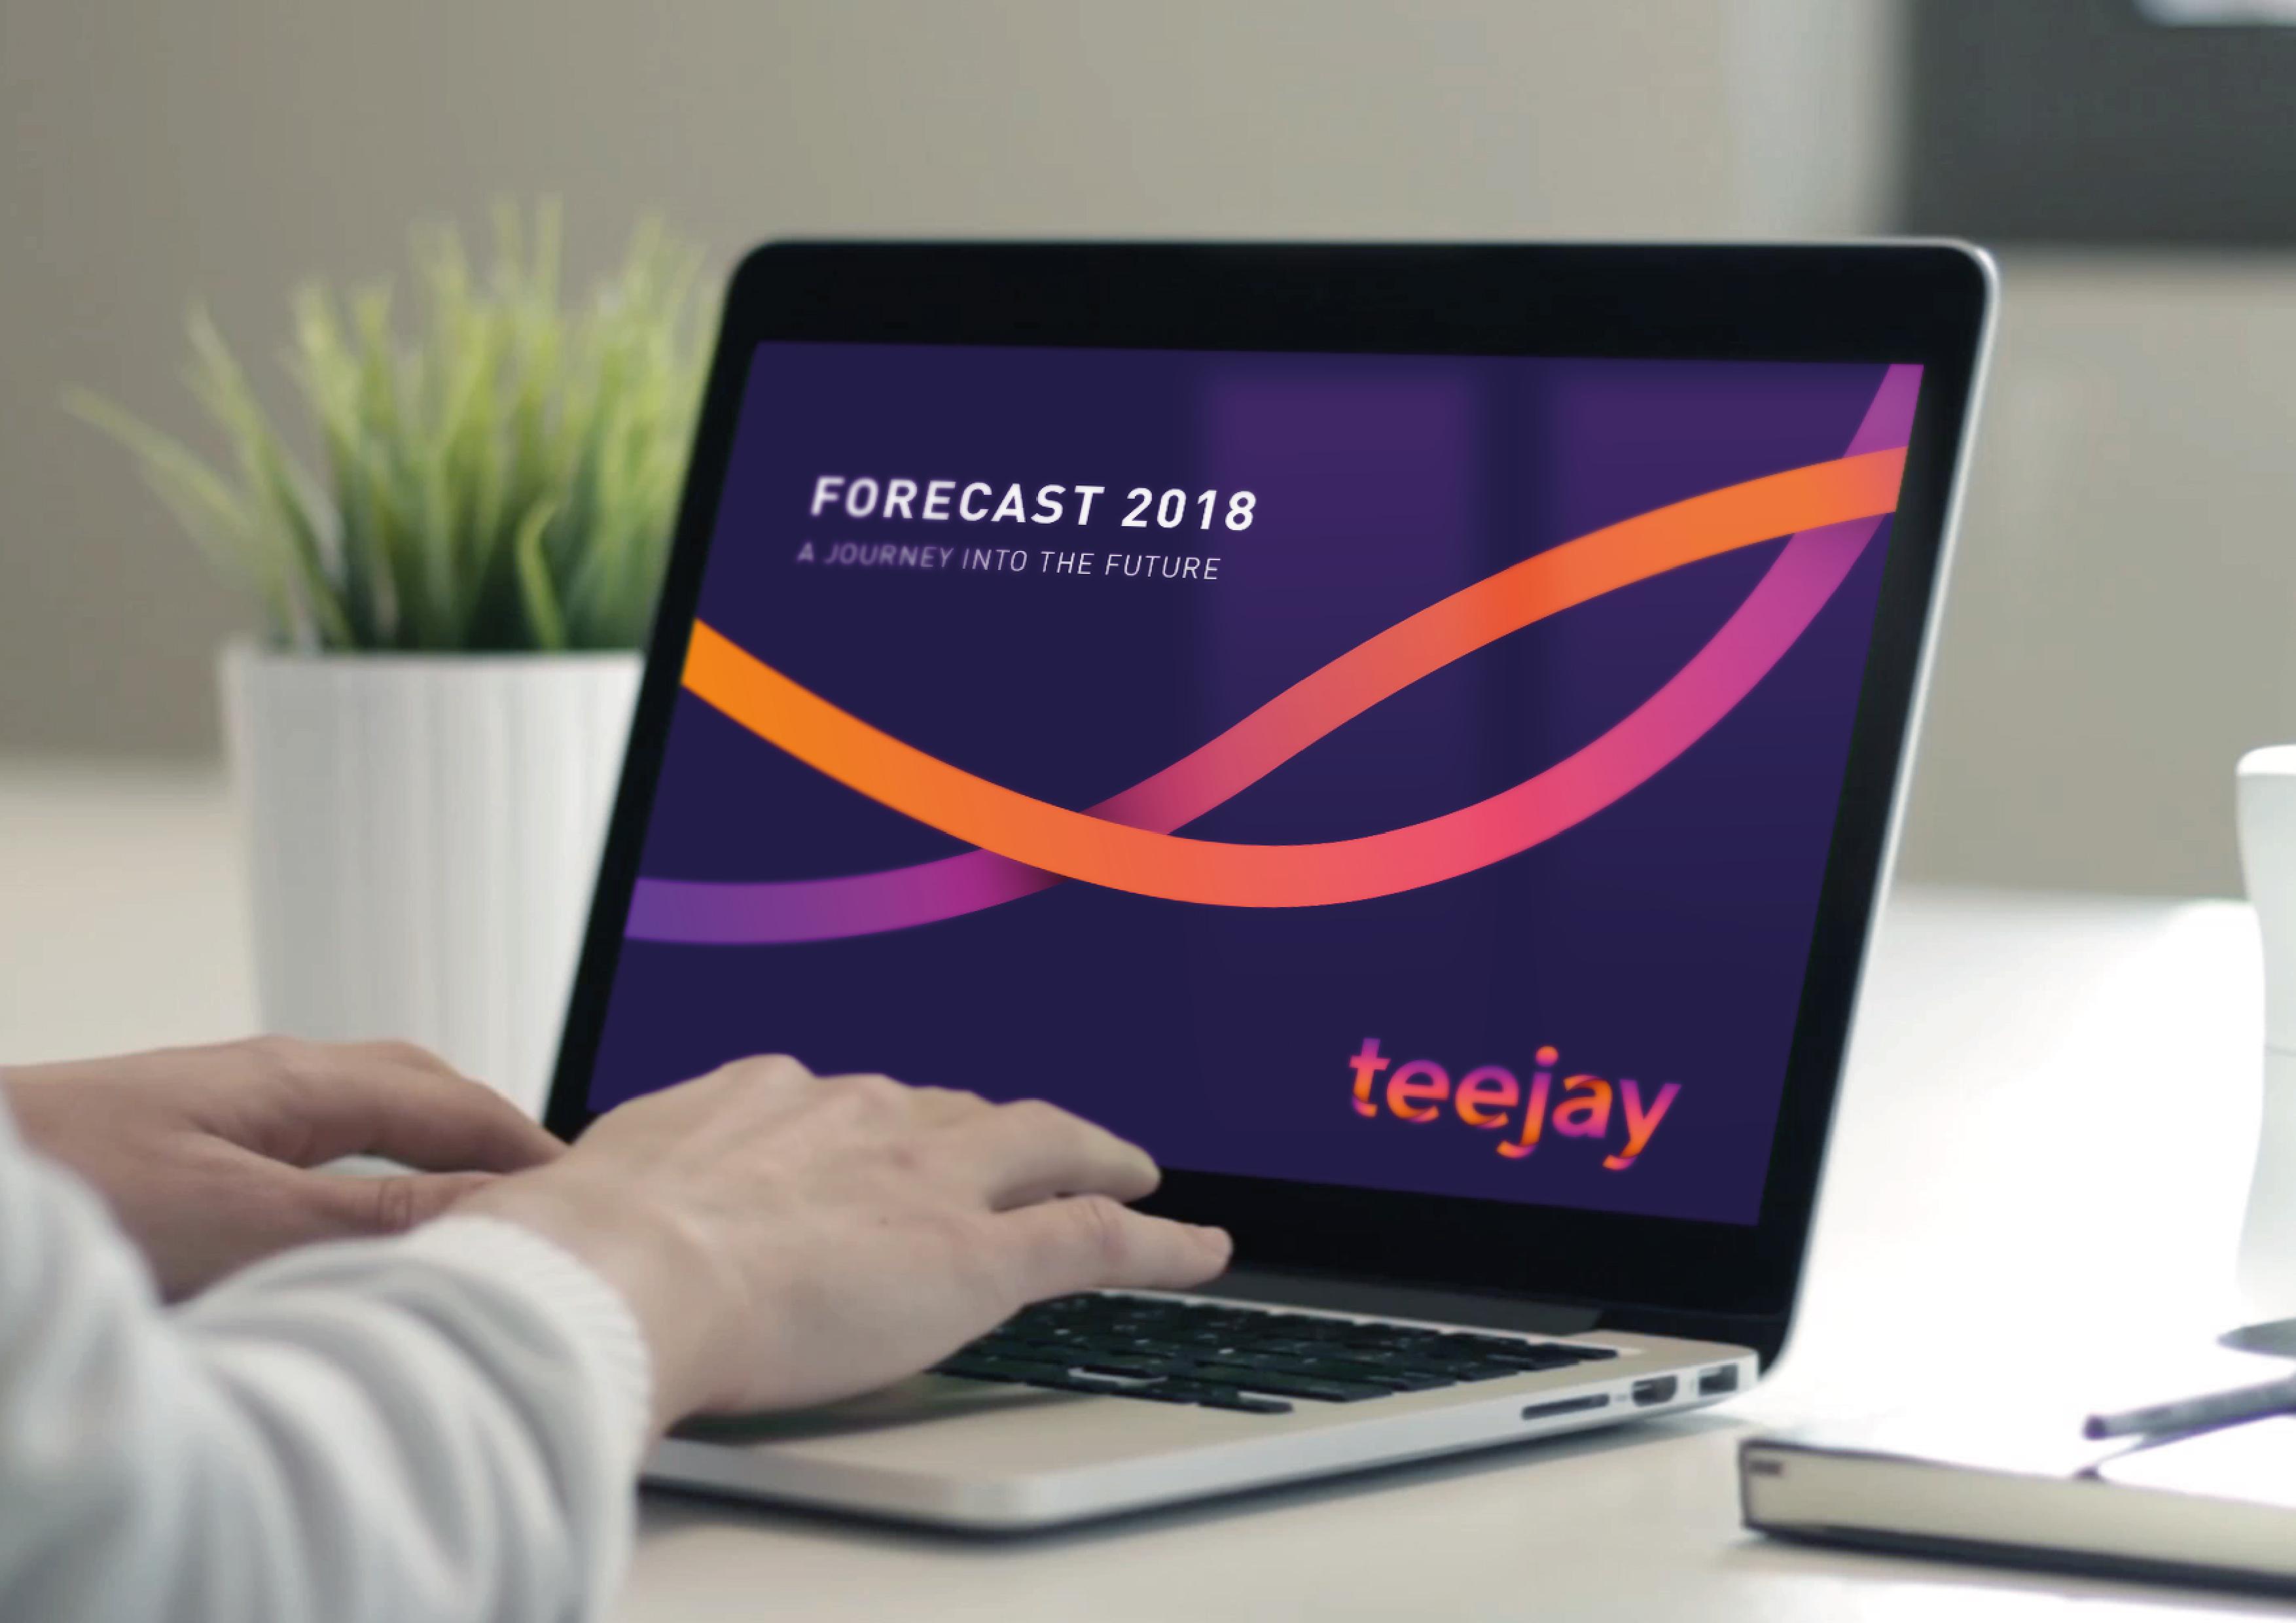 Teejay textured jersey identity forecast